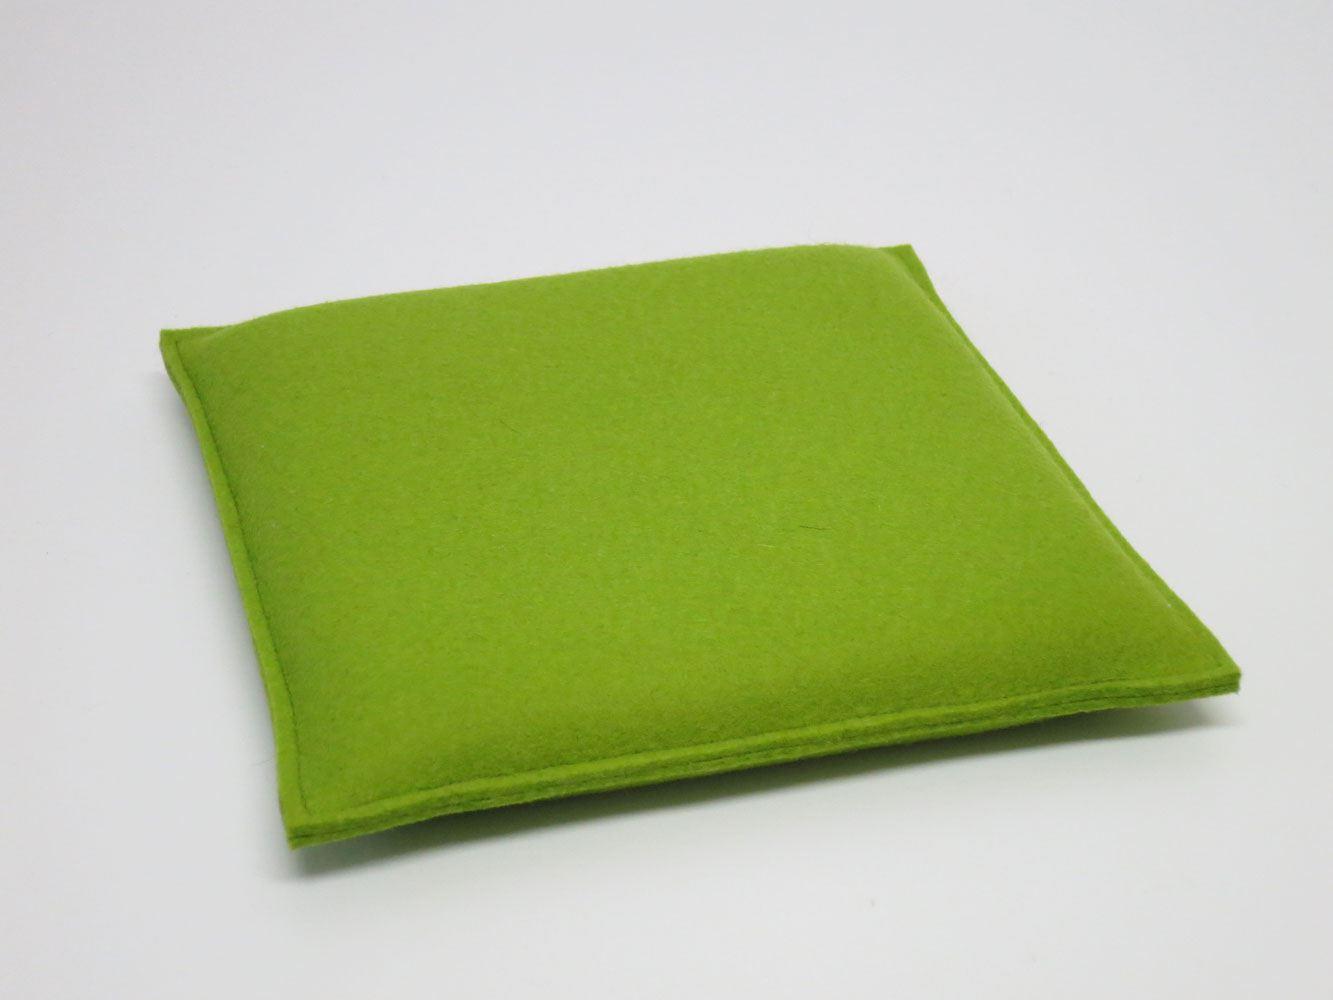 quadratische kleine sitzkissen aus filz ma e 30 x 30 cm von kl pfer. Black Bedroom Furniture Sets. Home Design Ideas